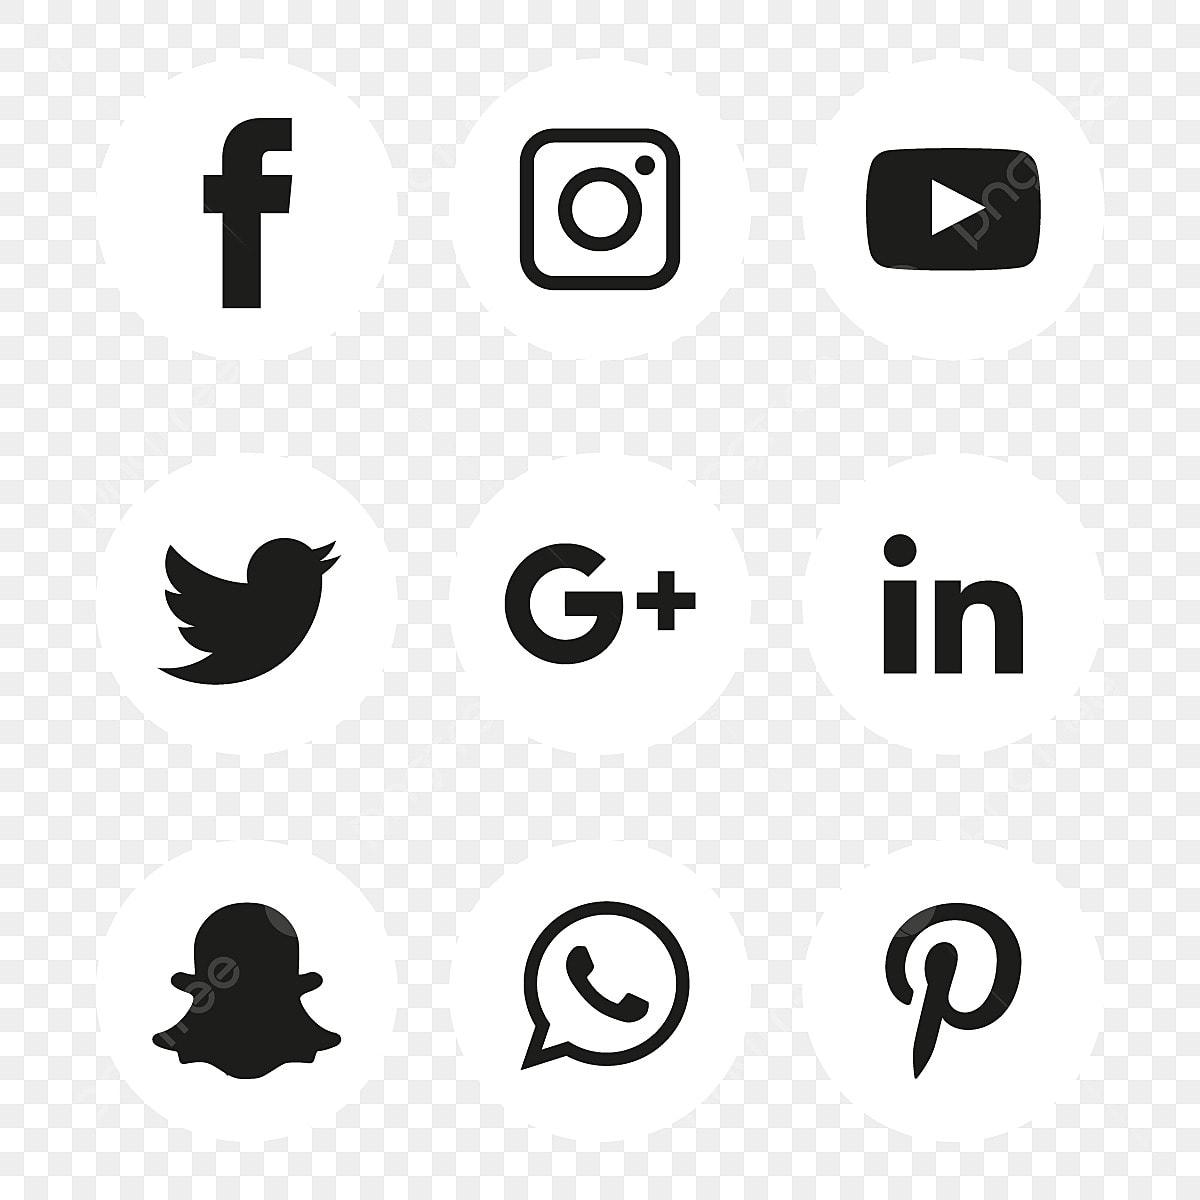 مجموعة أيقونات وسائل التواصل الاجتماعي الرموز الاجتماعية الأيقونات وسائل الإعلام اجتماعي Png والمتجهات للتحميل مجانا